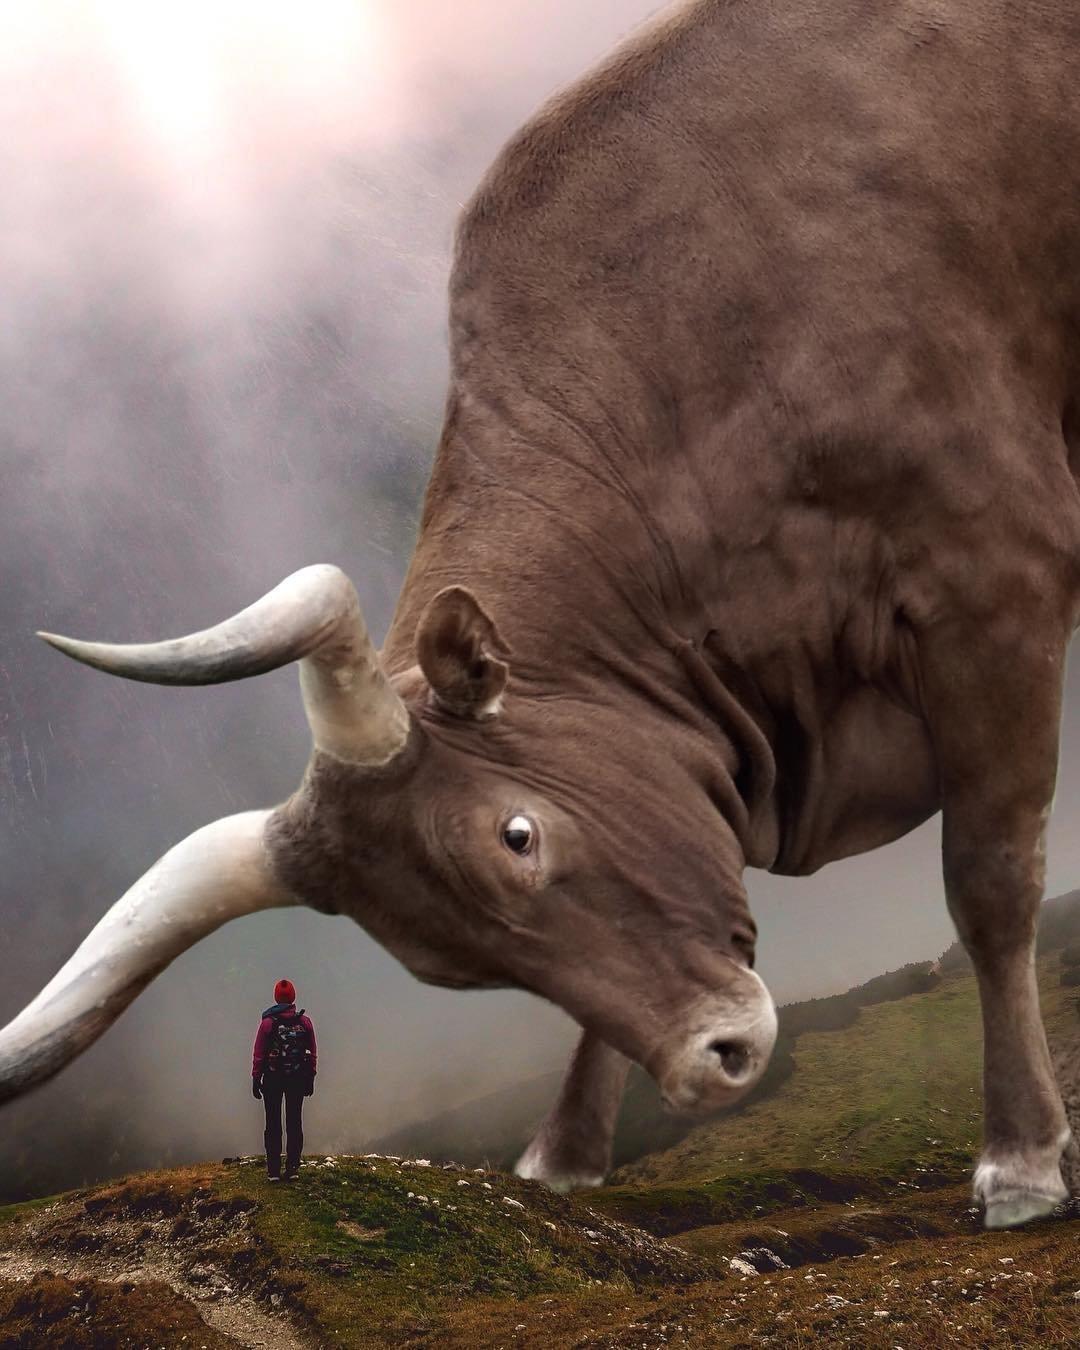 картинка самого большого животного камера здесь самая